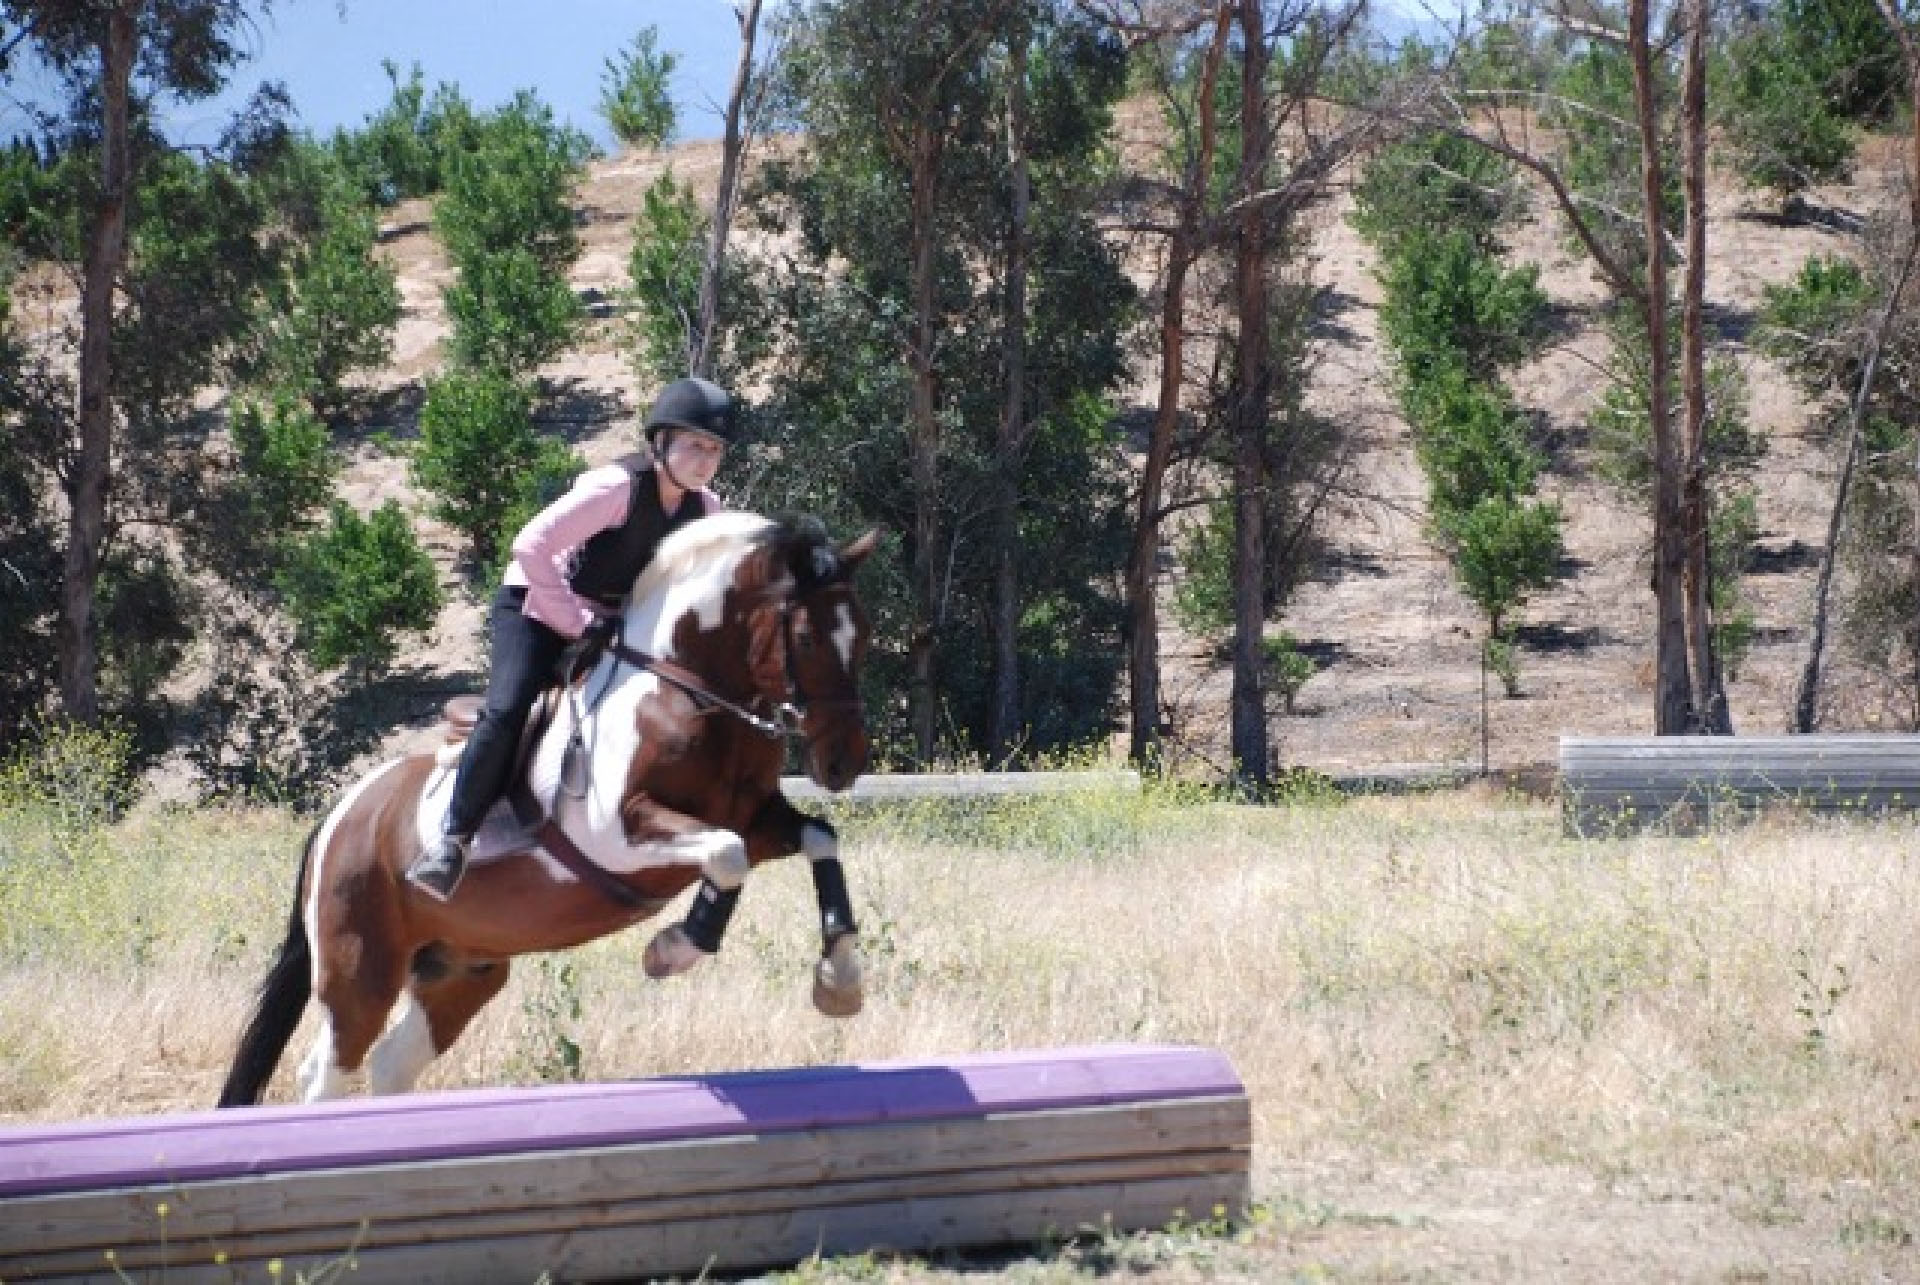 UNDERSTANDING HORSES